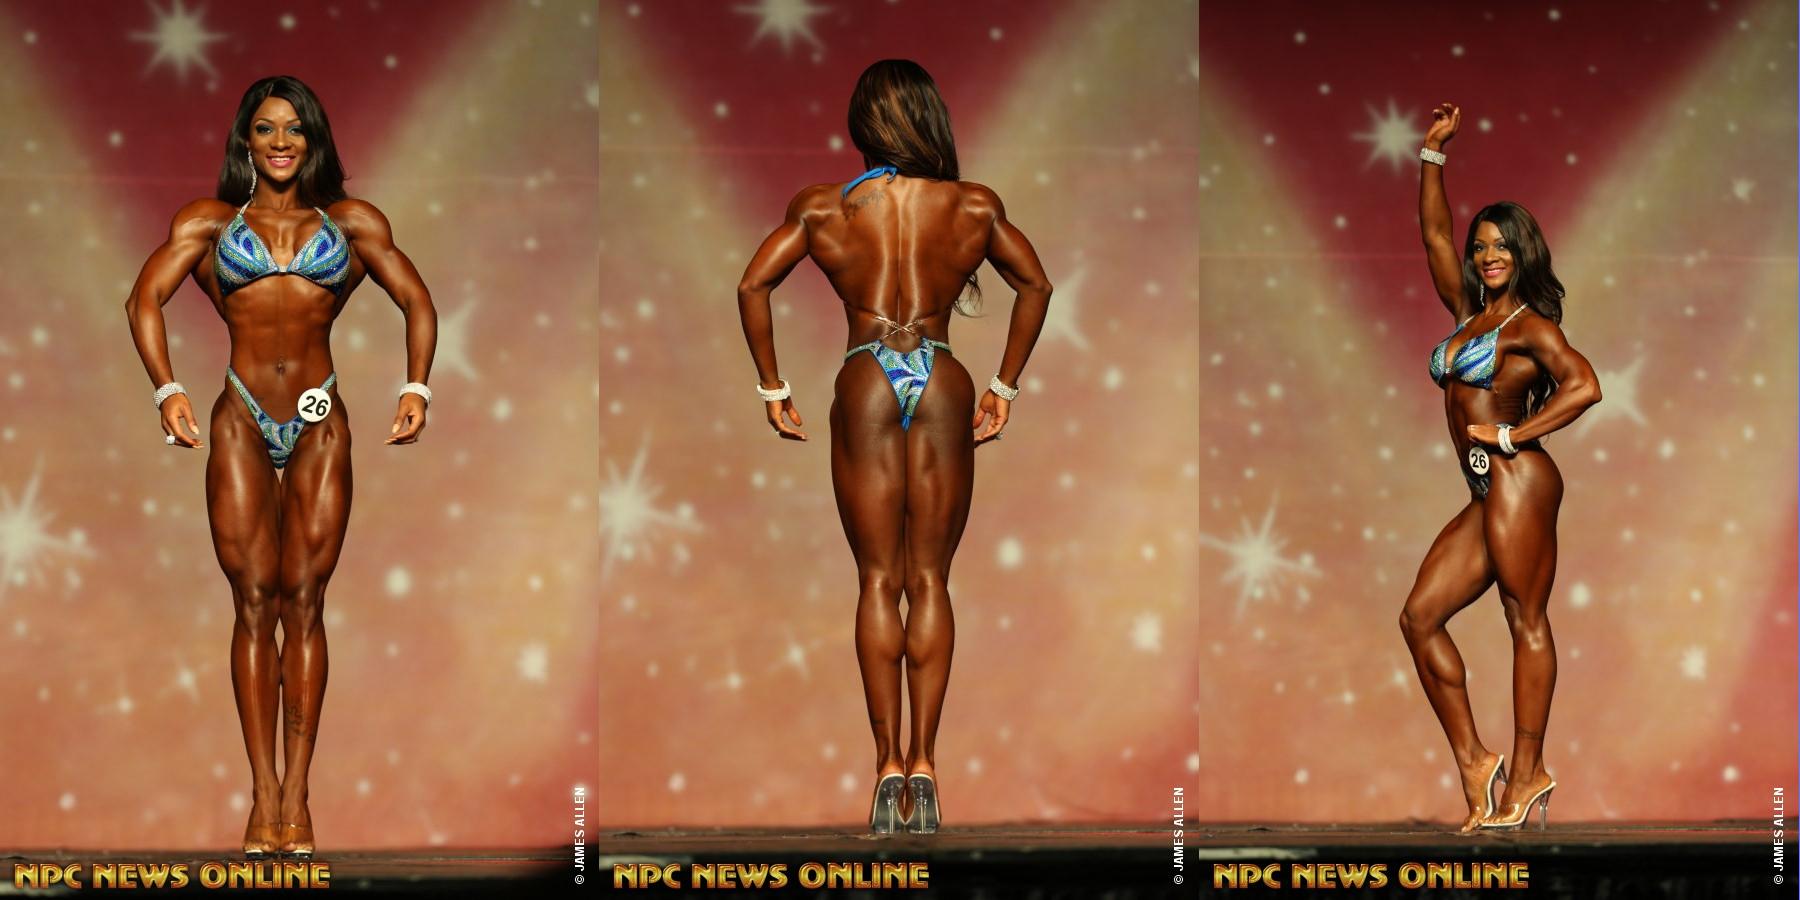 Candice Lewis - чемпионка Phil Heath Pro - 2016 в разделе «фигура»